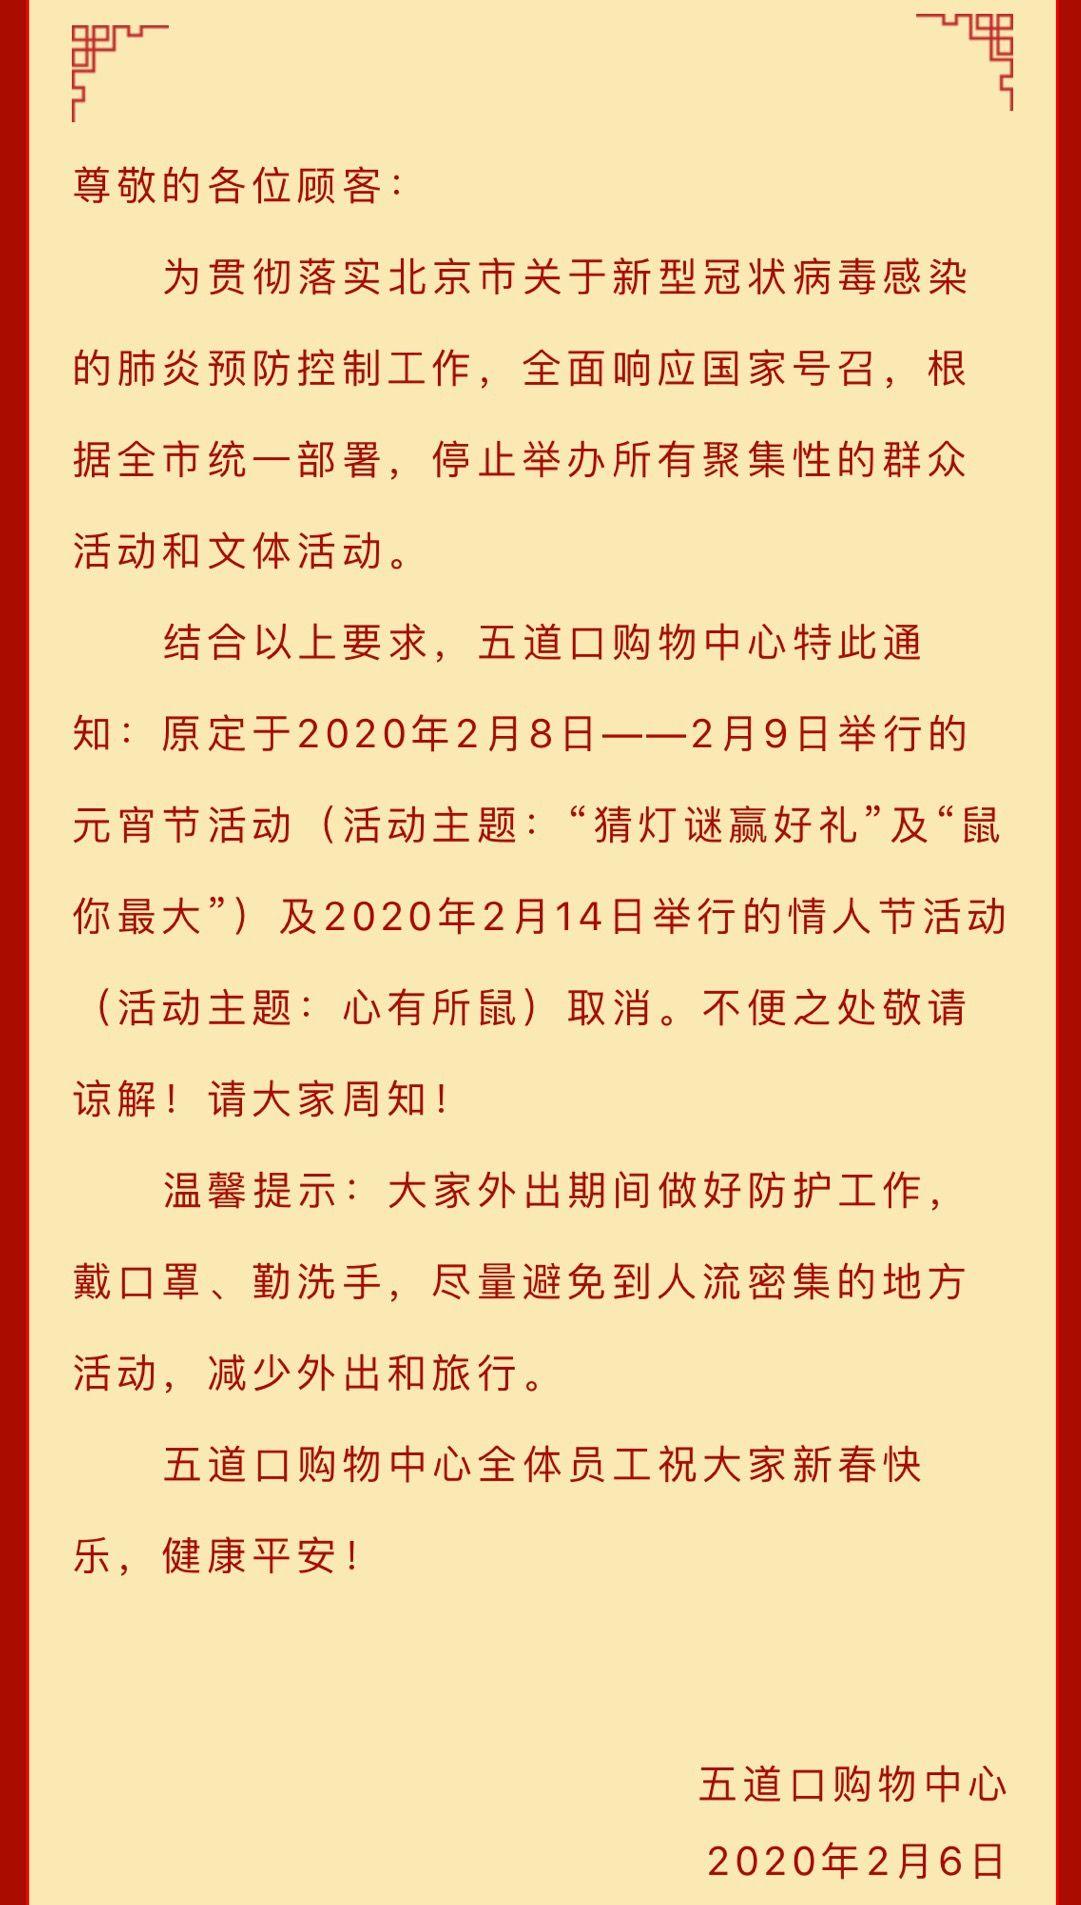 五道口购物中心宣布取消元宵节、情人节主题活动图片